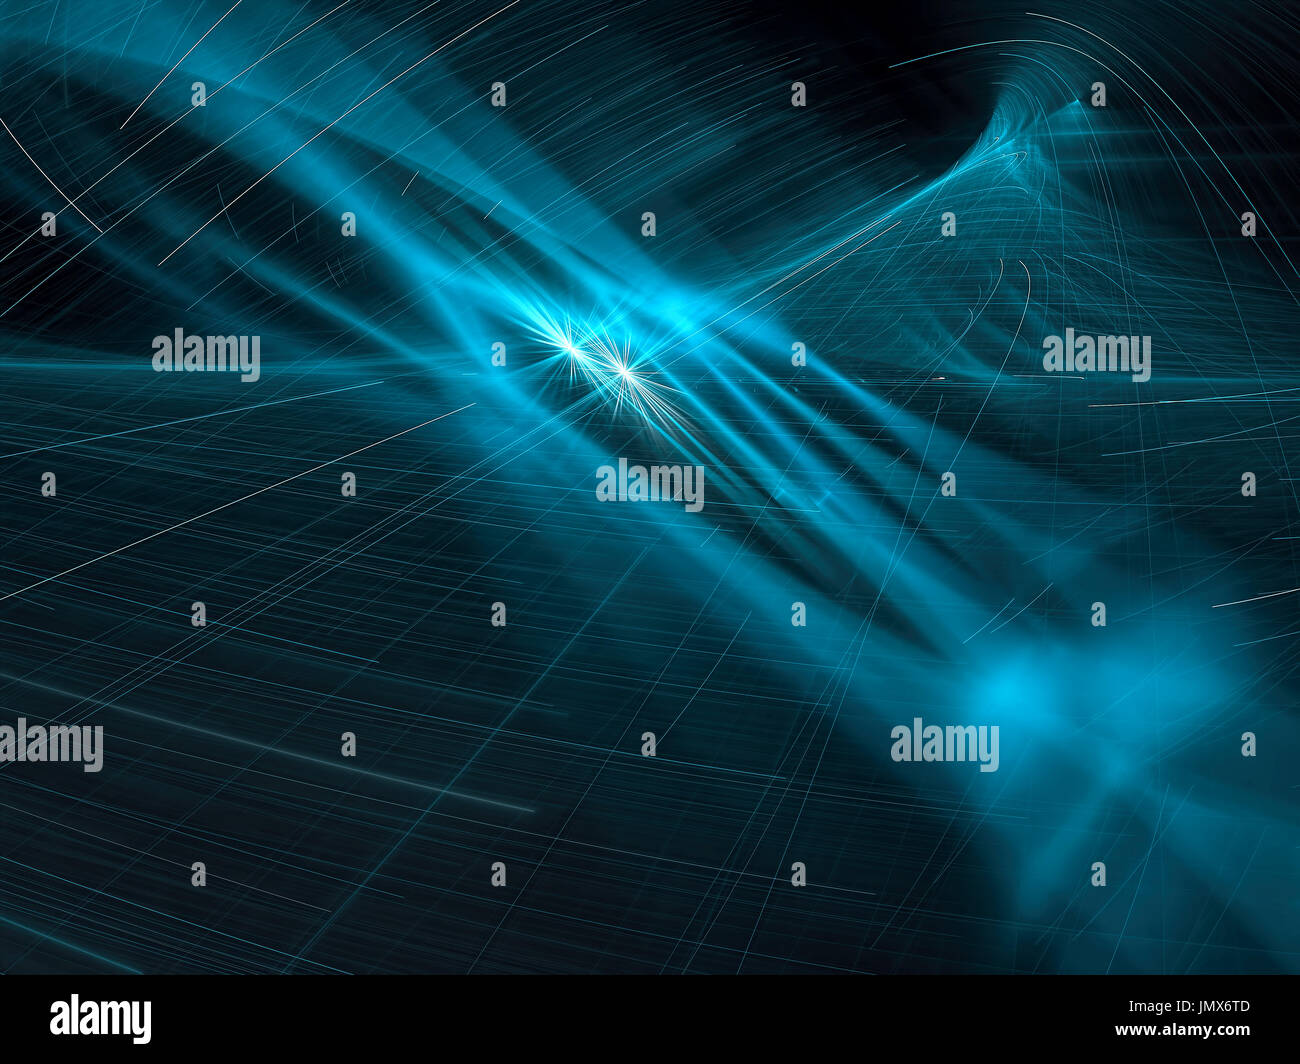 Abstract background style technologie numérique - image générée Banque D'Images